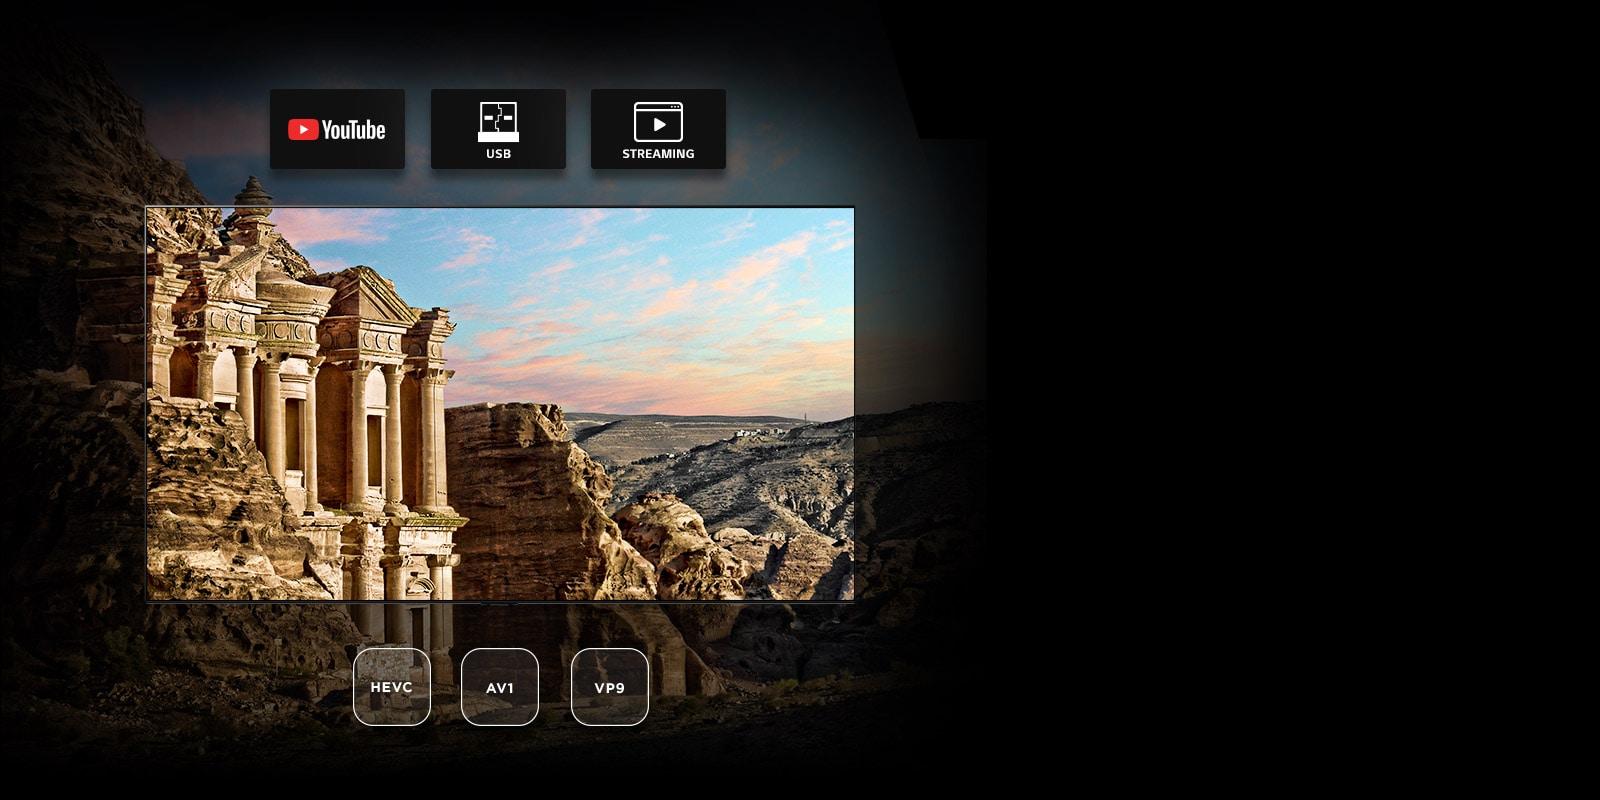 Màn hình TV với góc nhìn của kiến trúc cổ